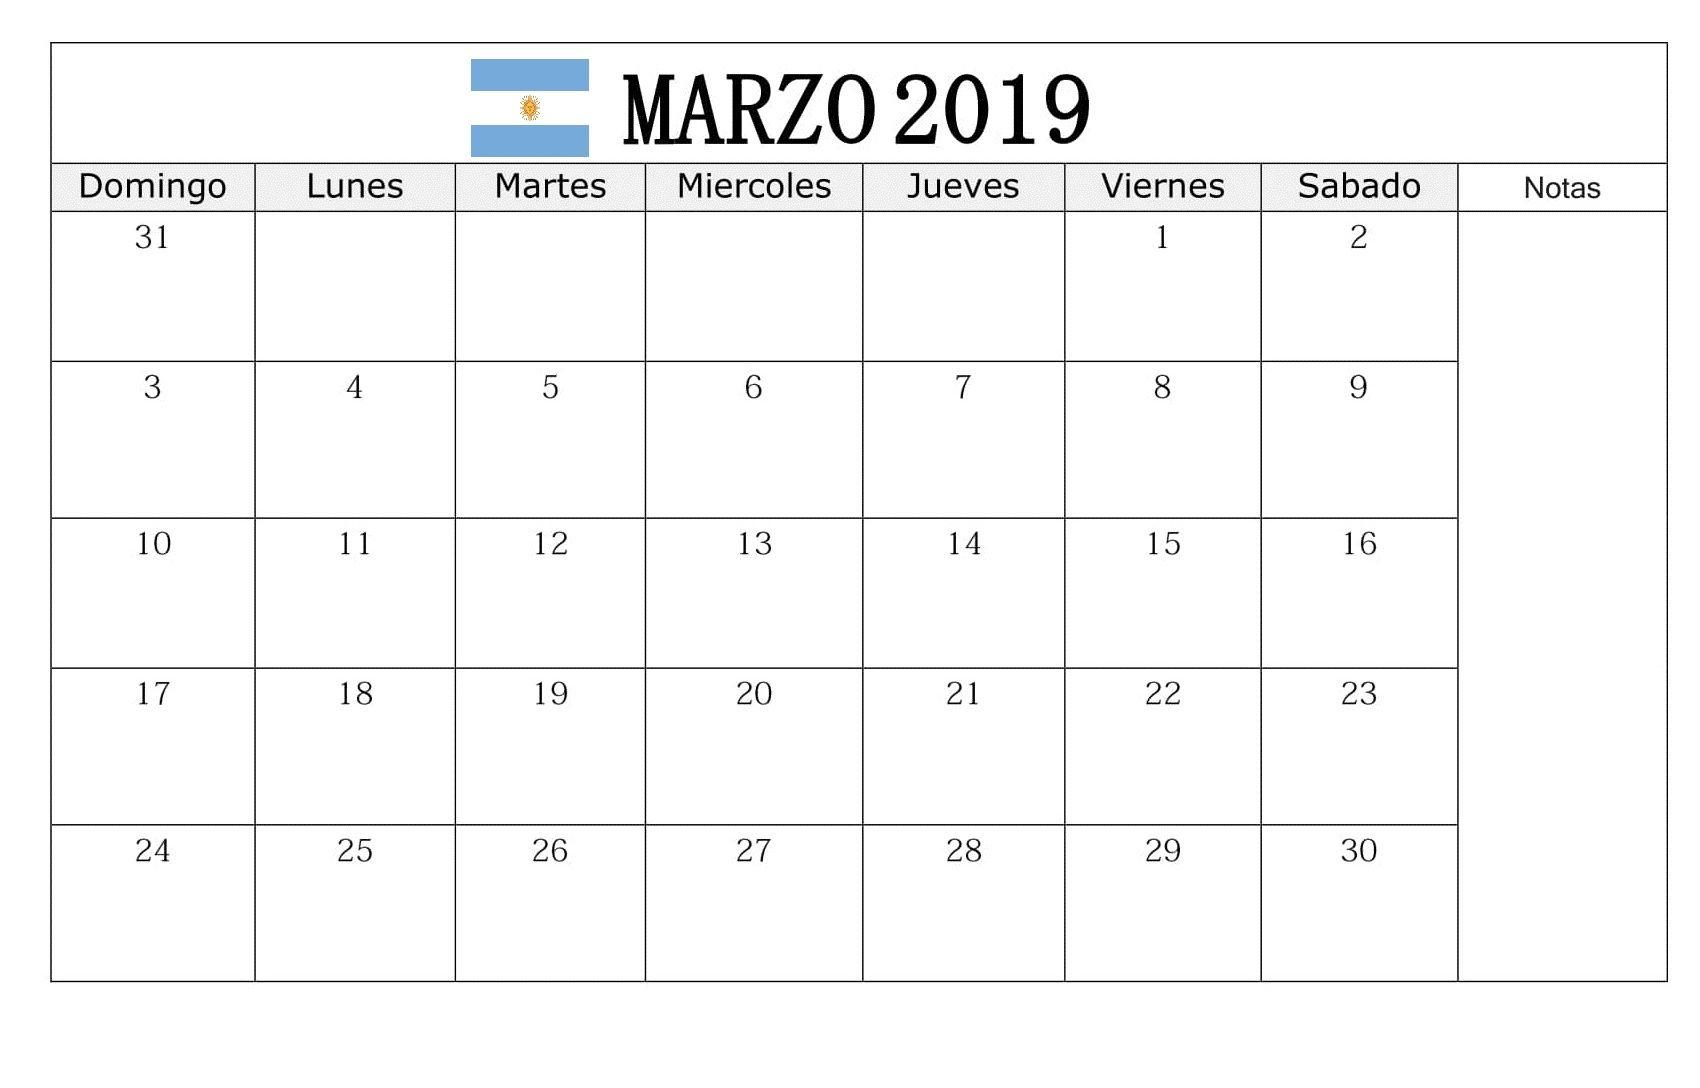 Calendario Marzo 2020 Argentina Para Imprimir.Calendario Marzo 2019 Argentina Calendario Marzo 2019